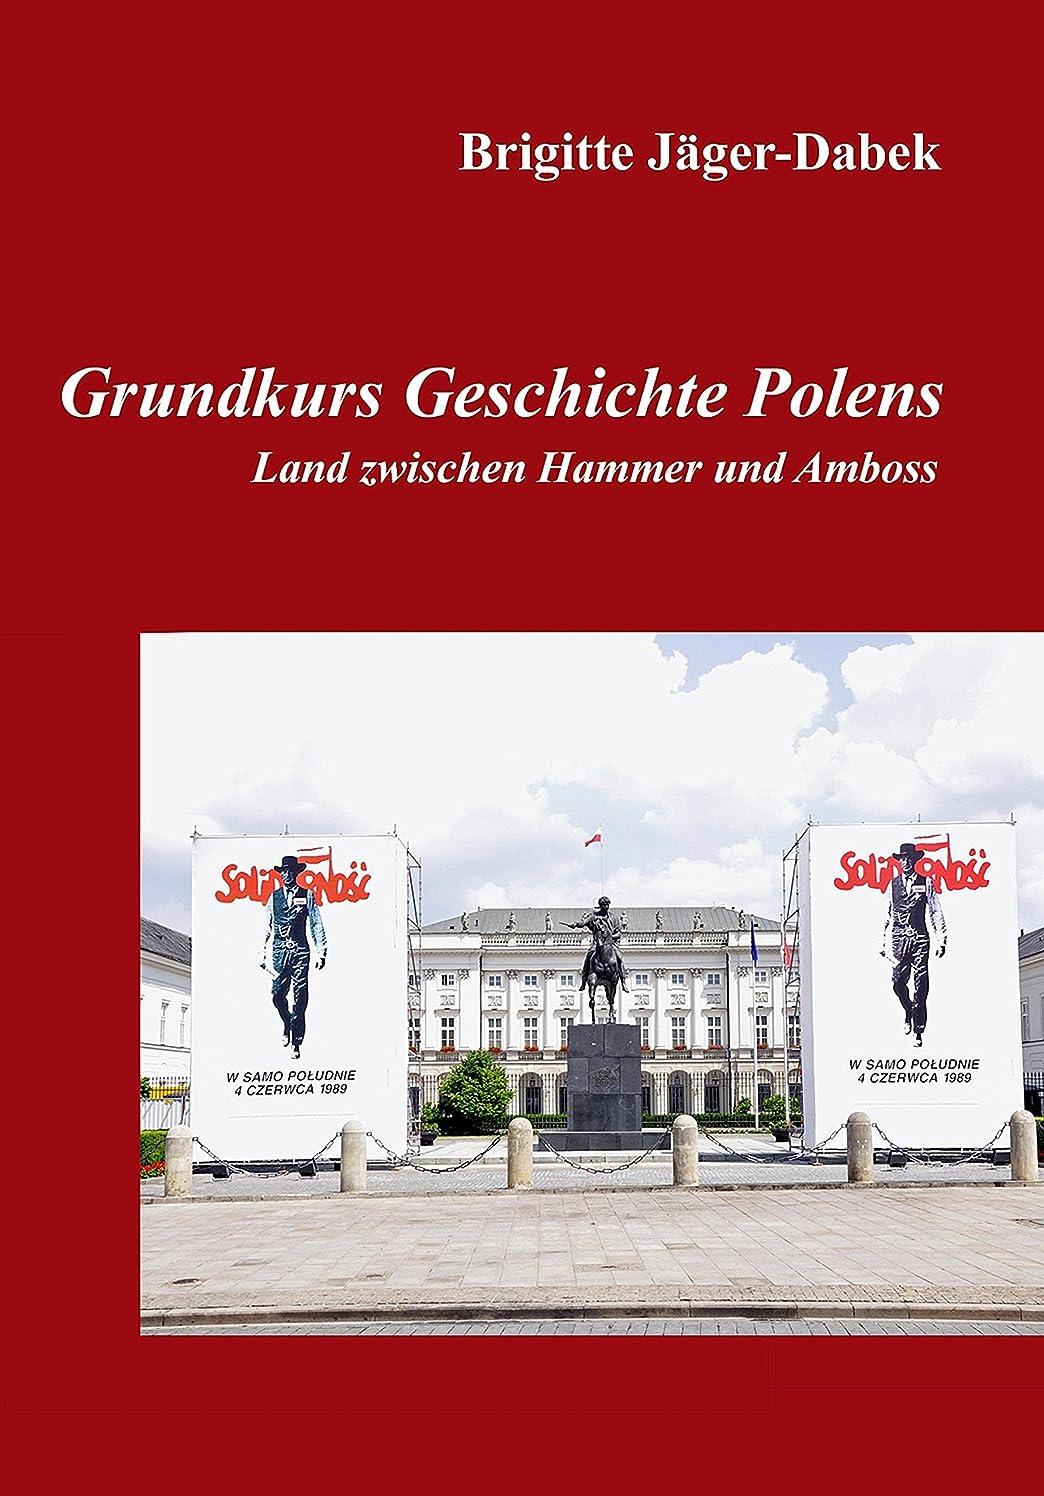 通常ゆるくかき混ぜるGrundkurs Geschichte Polens: Land zwischen Hammer und Amboss (German Edition)